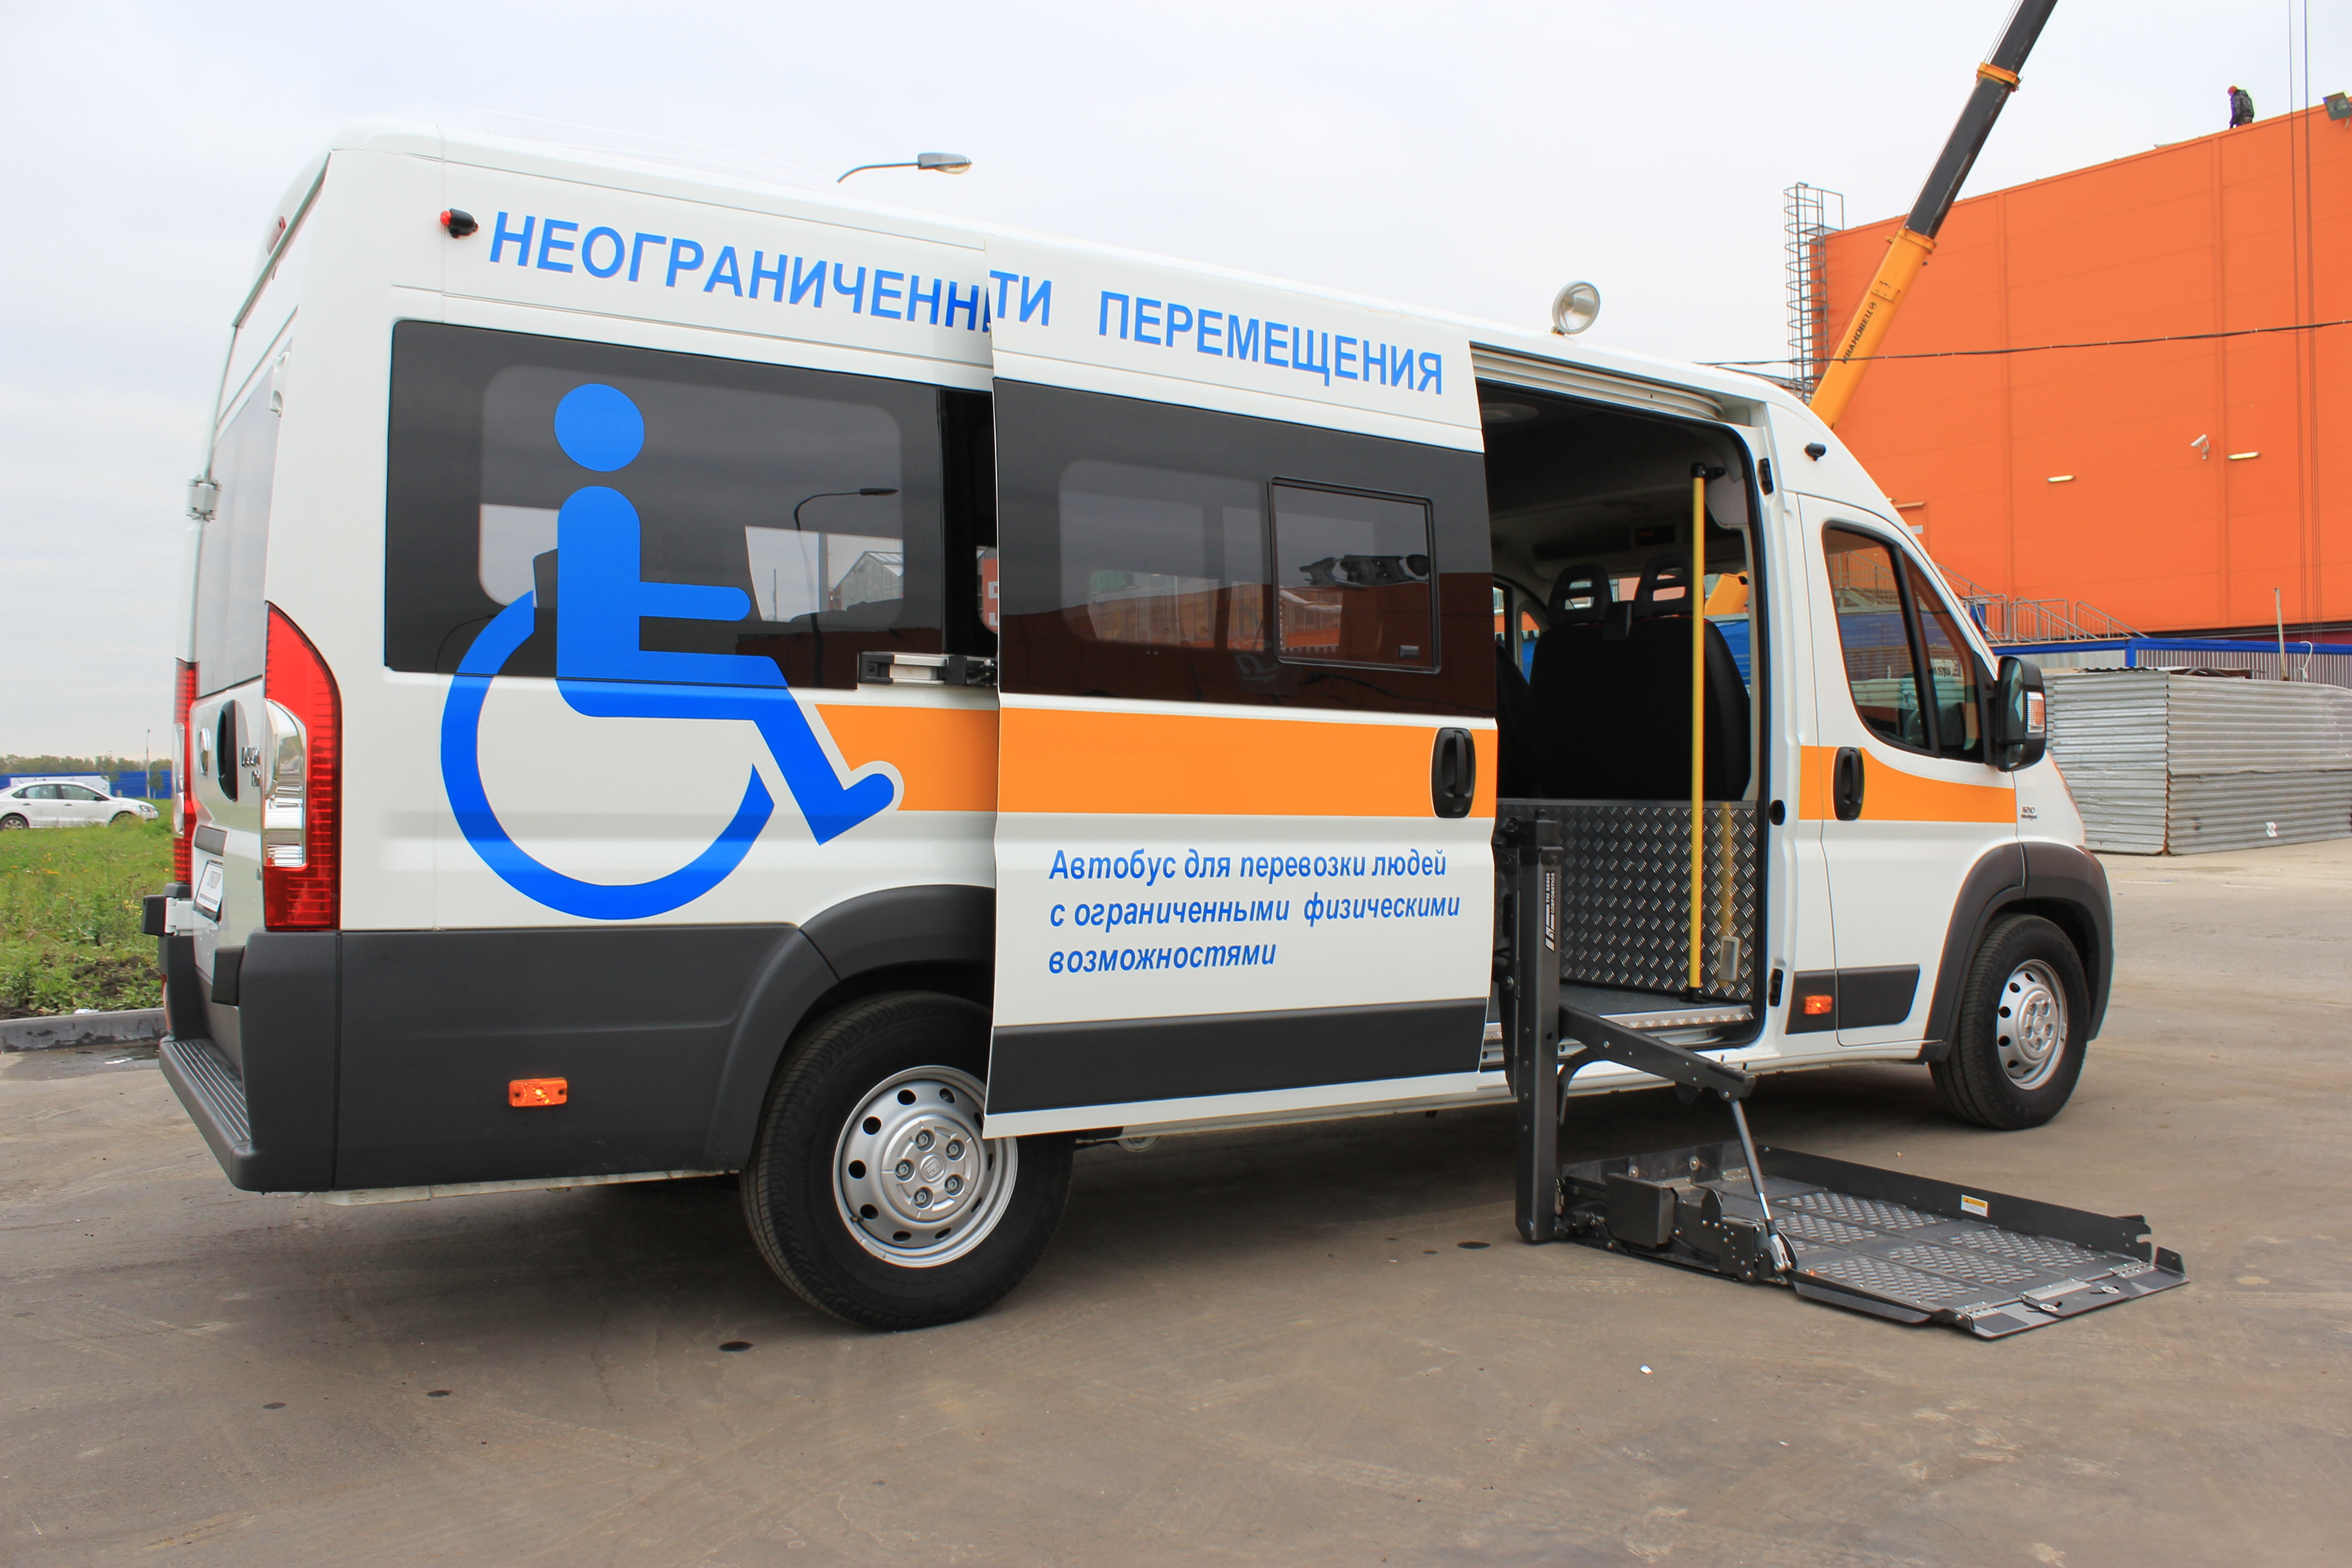 Автобус для перевозки любей с ограниченными физ.способностями